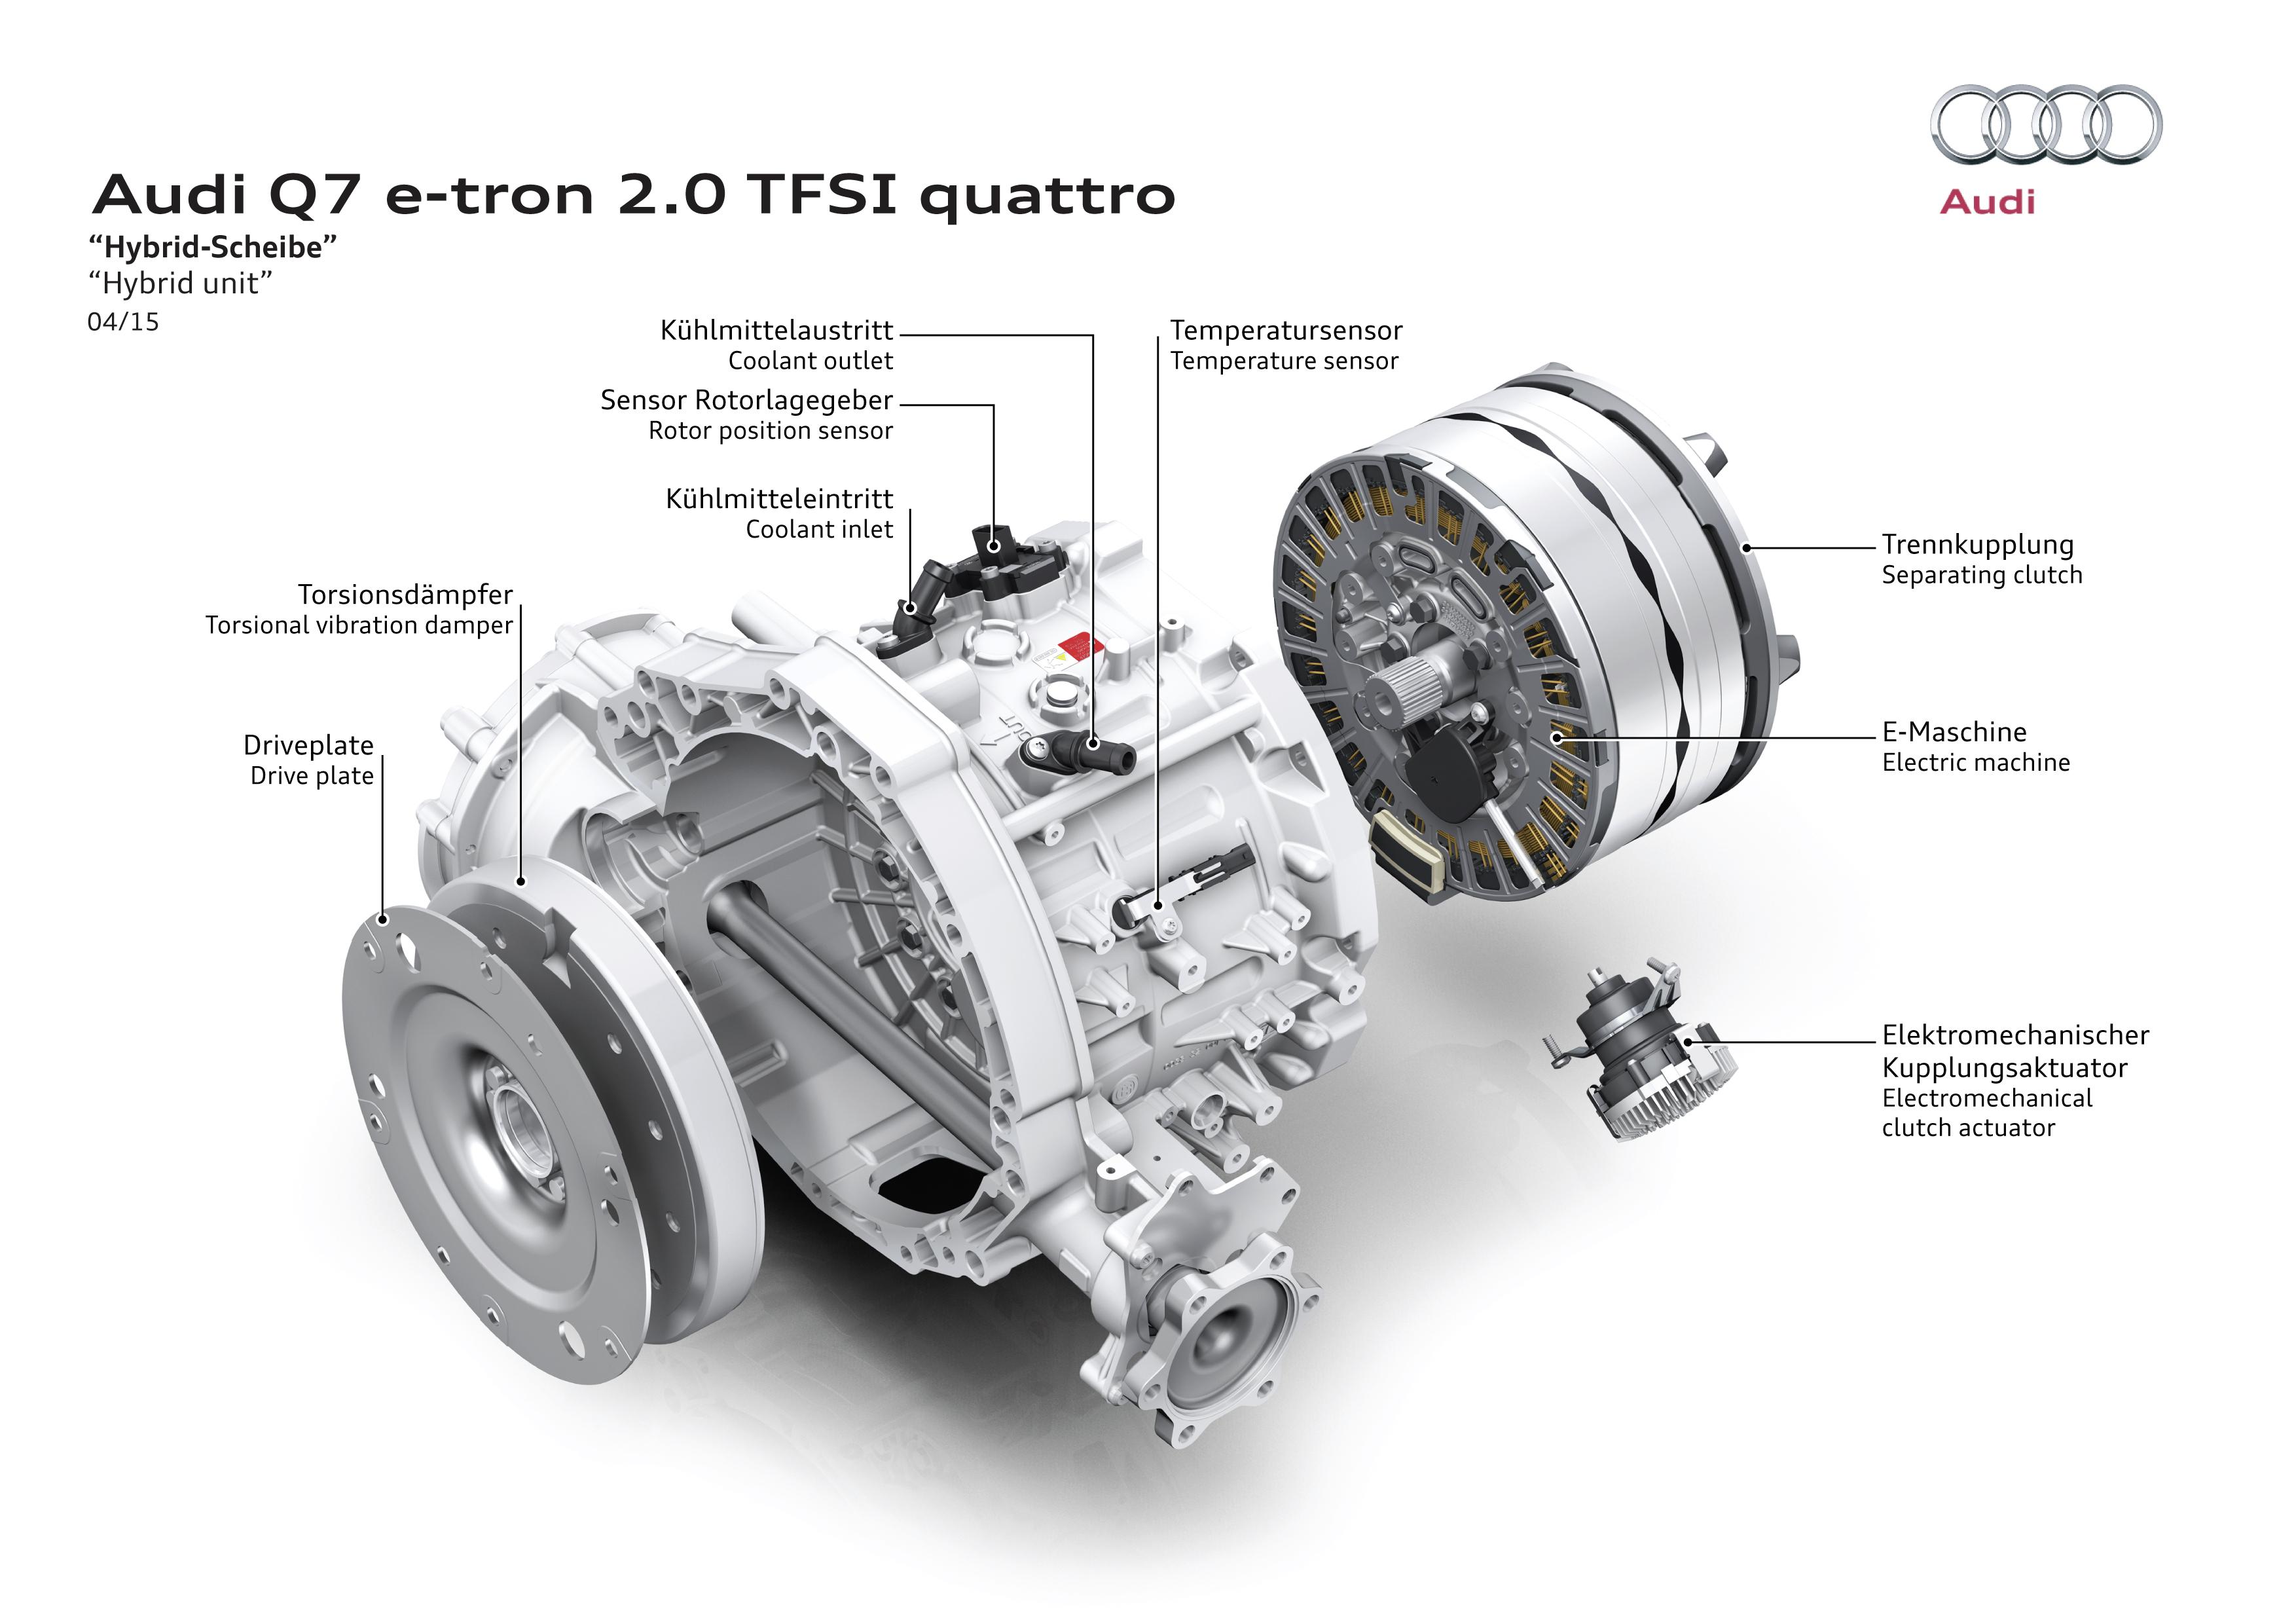 Audi Q7 e-tron 2.0 TFSI quattro - 2015 - hybrid-unit